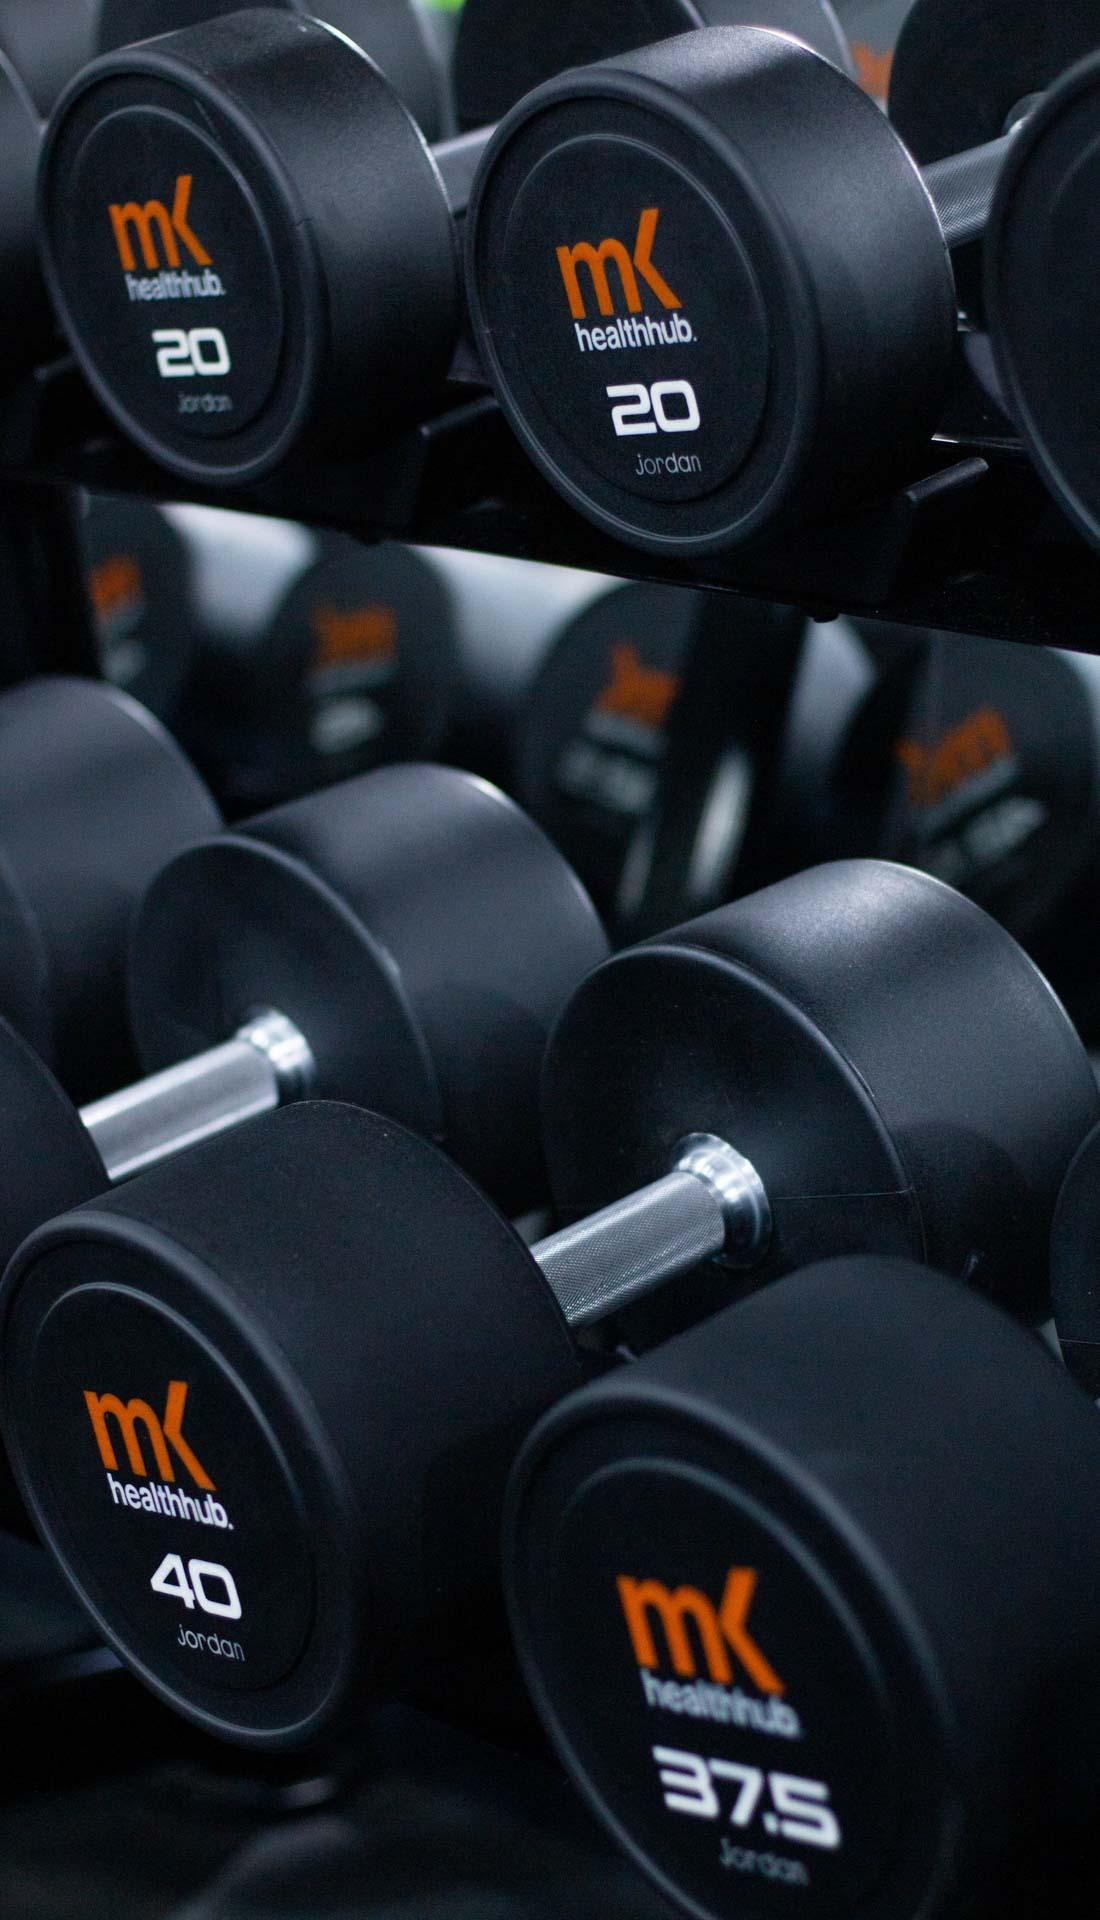 Gym dumbbells, gym weights. Professional gym photography Birmingham UK, fitness photographer uk, gym photoshoot